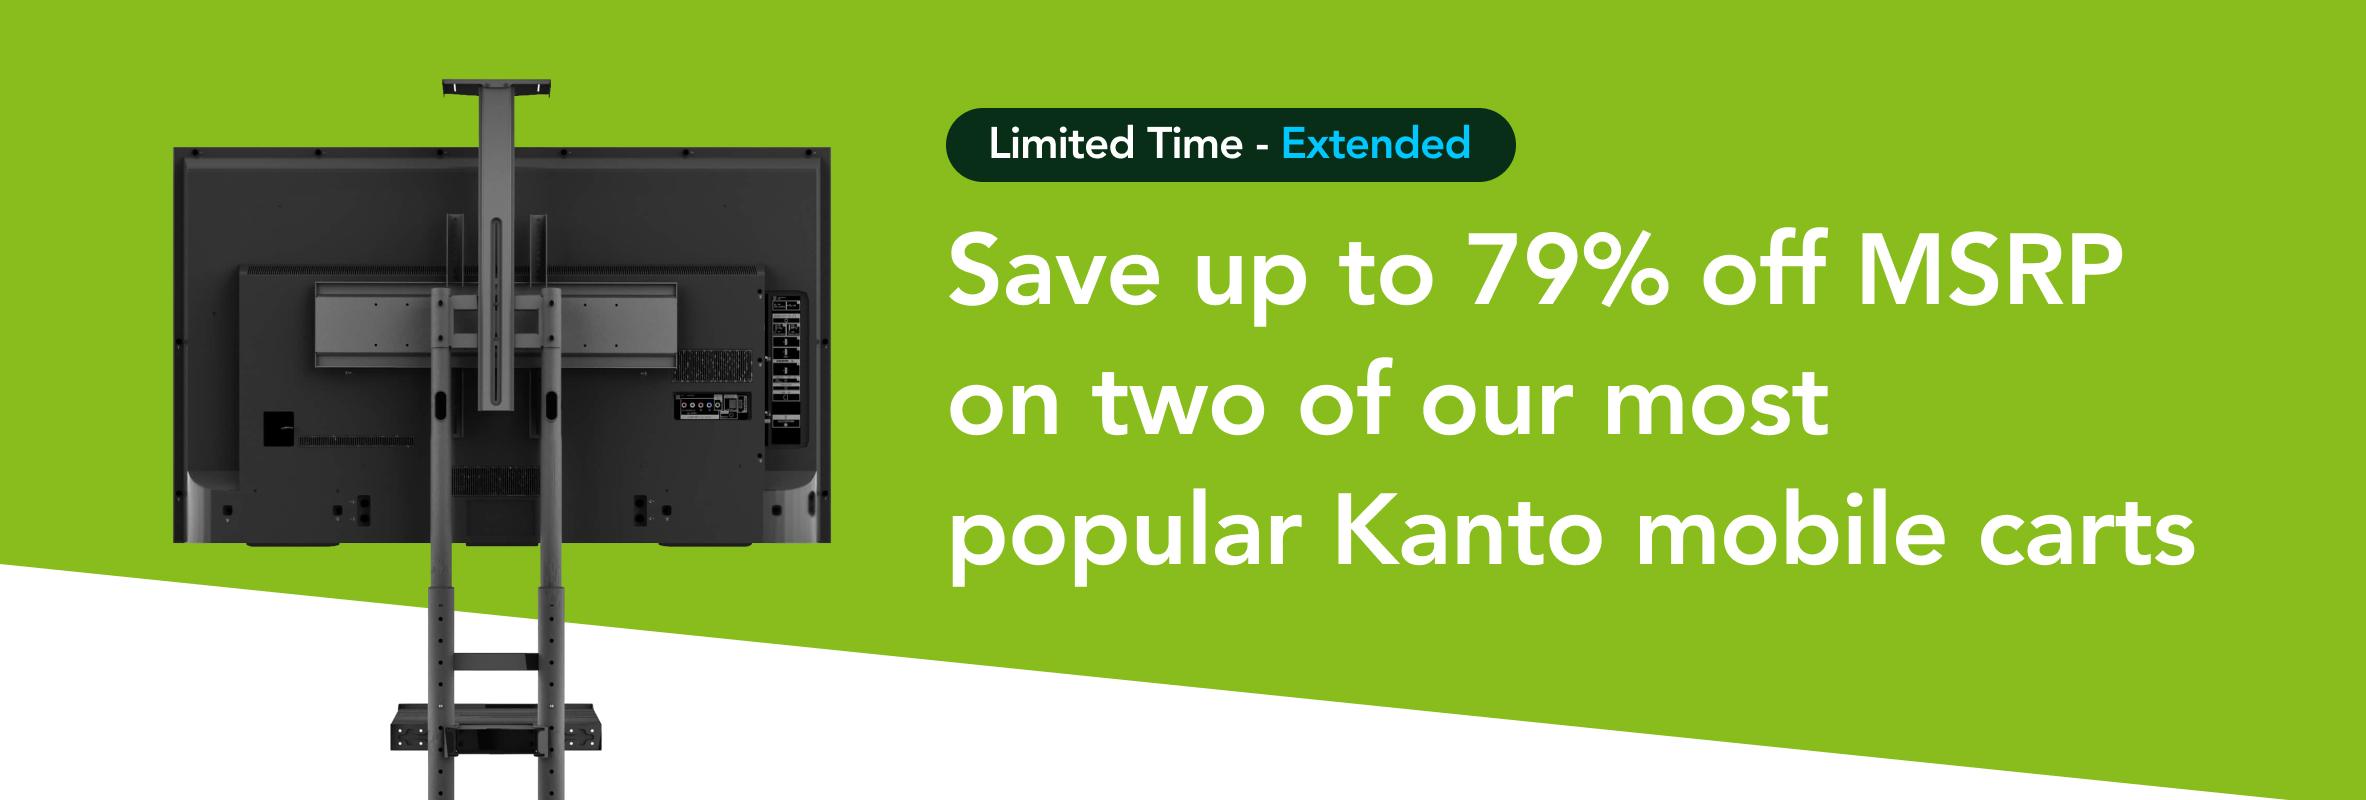 Kanto Carts on sale until Jan. 24, 2020